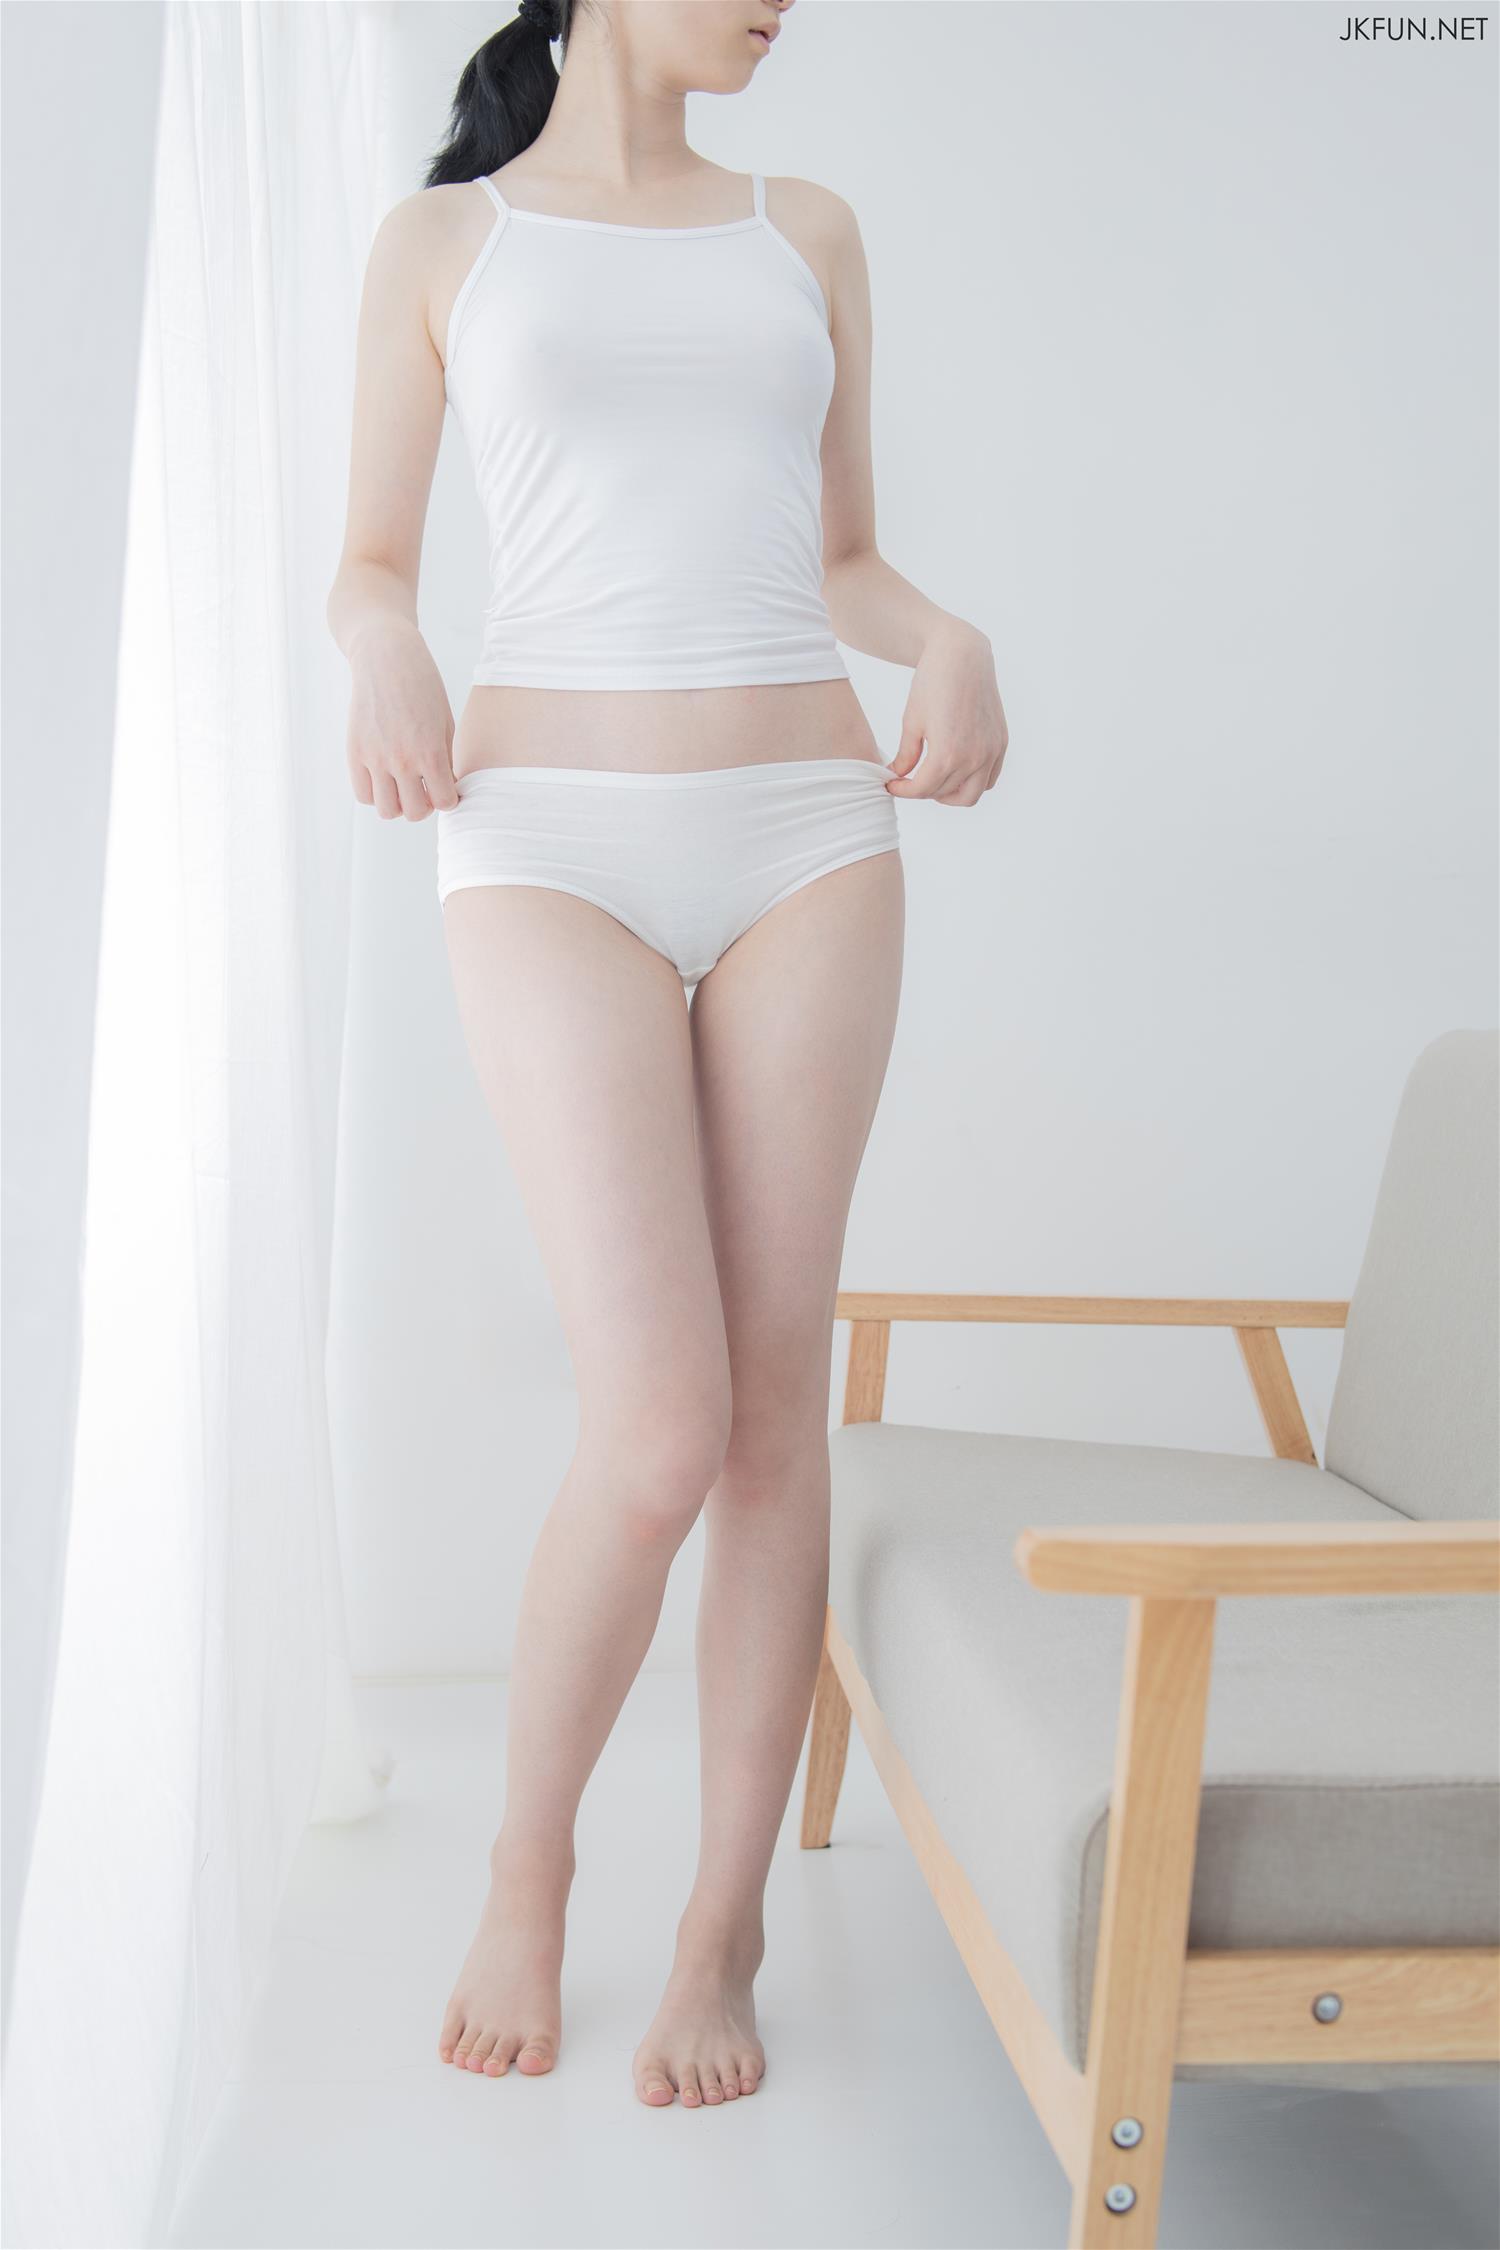 森萝财团 JKFUN-018 小青 15D超薄白丝 [108P1V-2.1GB] 森萝财团-第3张